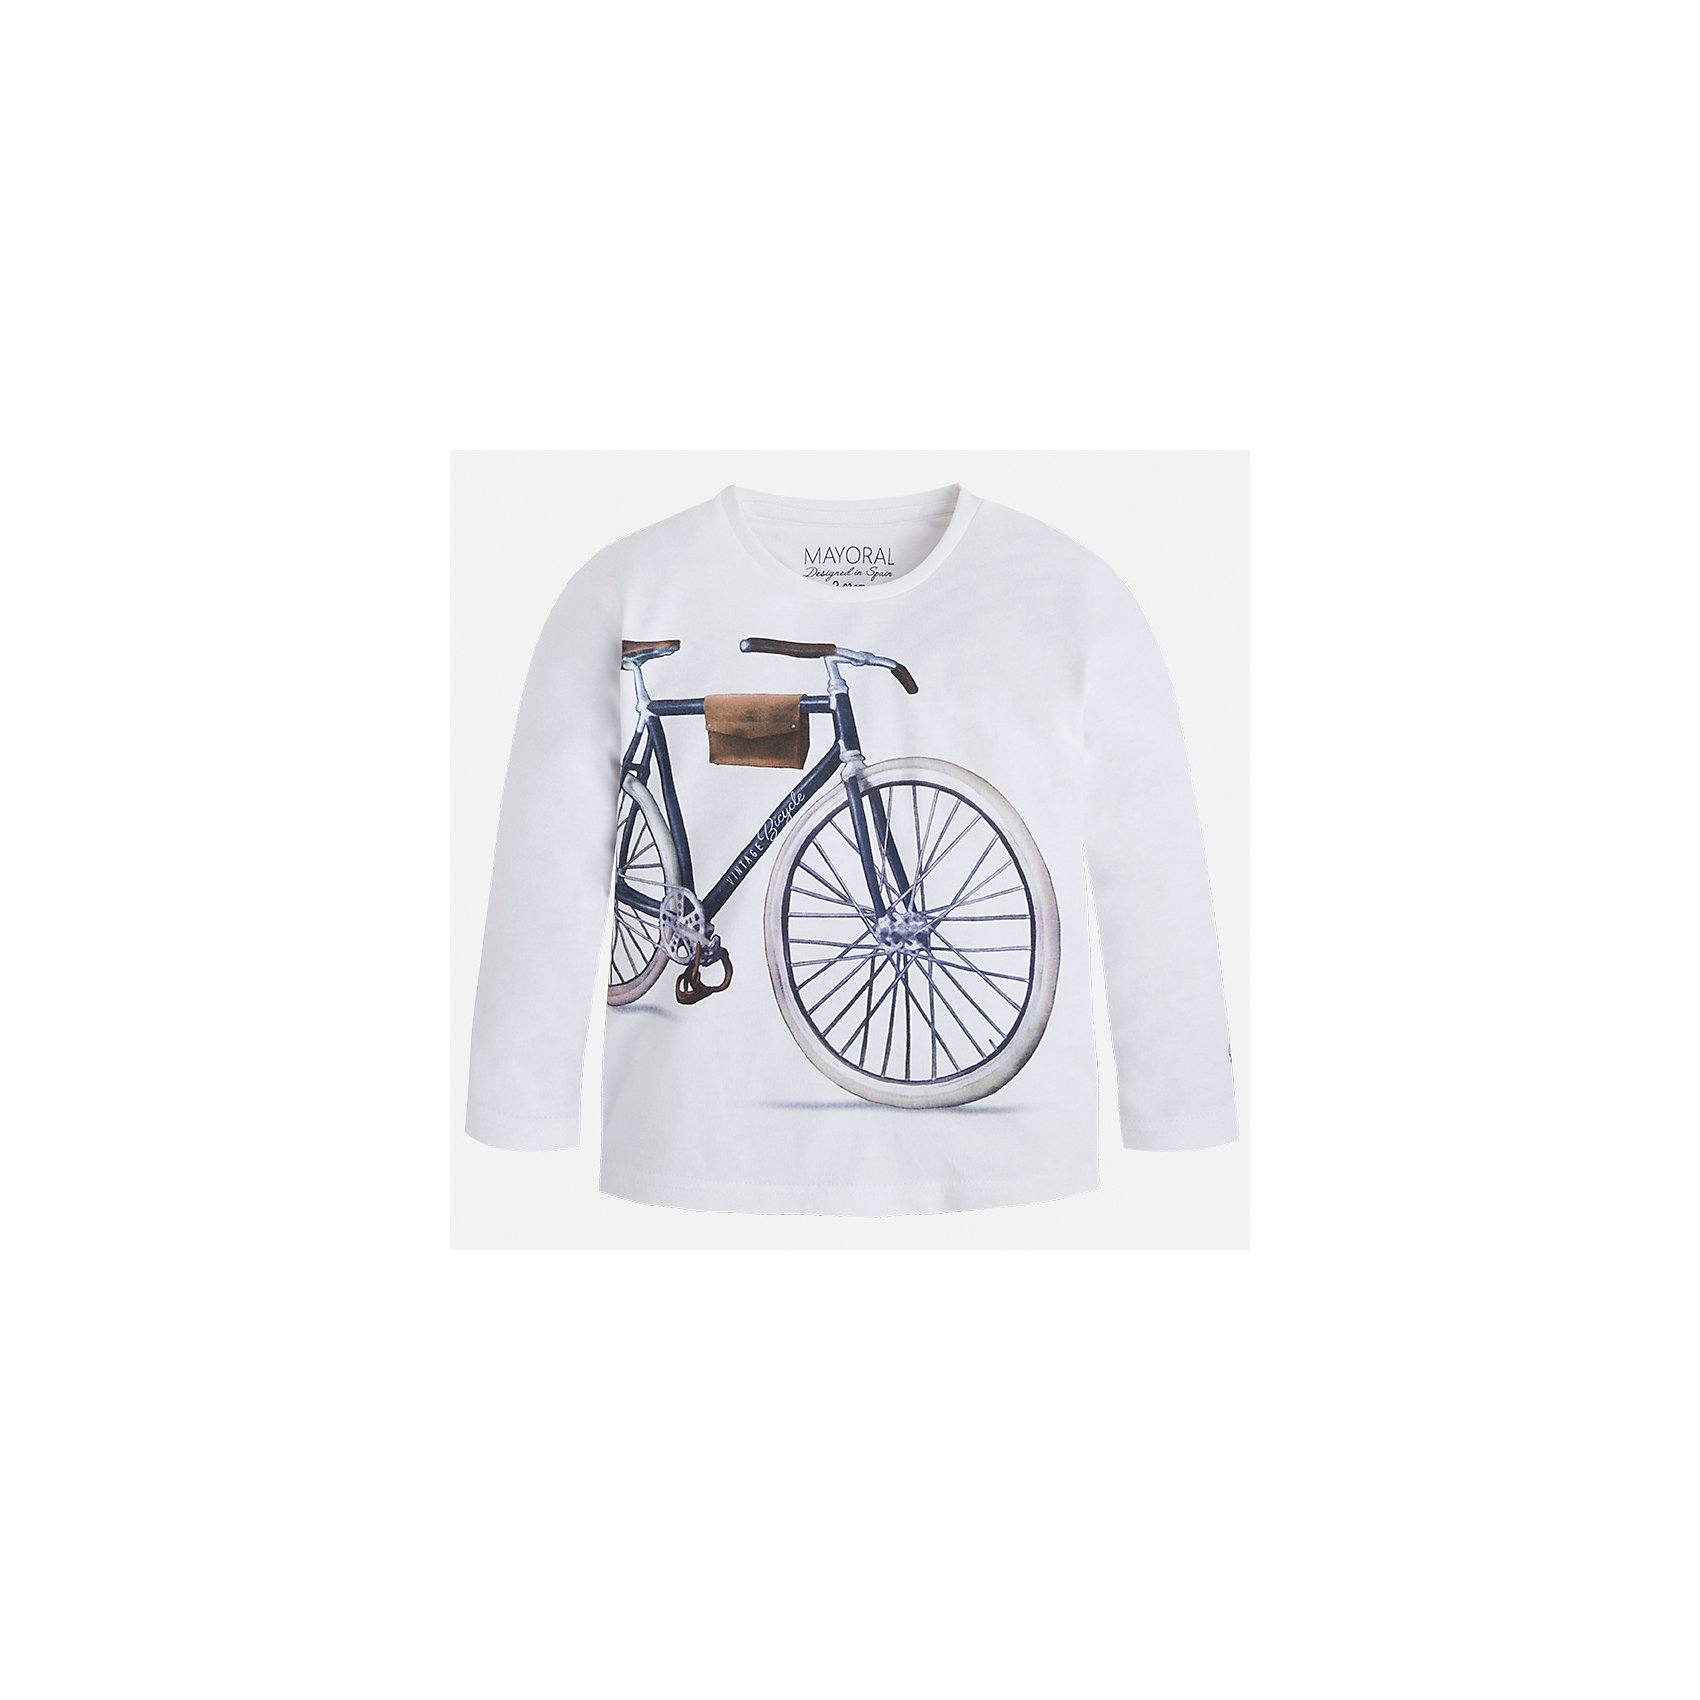 Футболка с длинным рукавом для мальчика MayoralХарактеристики товара:<br><br>• цвет: белый<br>• состав: 100% хлопок<br>• круглый горловой вырез<br>• декорирована принтом<br>• длинные рукава<br>• отделка горловины<br>• страна бренда: Испания<br><br>Удобная модная футболка с принтом поможет разнообразить гардероб мальчика. Она отлично сочетается с брюками, шортами, джинсами. Универсальный крой и цвет позволяет подобрать к вещи низ разных расцветок. Практичное и стильное изделие! Хорошо смотрится и комфортно сидит на детях. В составе материала - только натуральный хлопок, гипоаллергенный, приятный на ощупь, дышащий. <br><br>Одежда, обувь и аксессуары от испанского бренда Mayoral полюбились детям и взрослым по всему миру. Модели этой марки - стильные и удобные. Для их производства используются только безопасные, качественные материалы и фурнитура. Порадуйте ребенка модными и красивыми вещами от Mayoral! <br><br>Футболку с длинным рукавом для мальчика от испанского бренда Mayoral (Майорал) можно купить в нашем интернет-магазине.<br><br>Ширина мм: 230<br>Глубина мм: 40<br>Высота мм: 220<br>Вес г: 250<br>Цвет: белый<br>Возраст от месяцев: 24<br>Возраст до месяцев: 36<br>Пол: Мужской<br>Возраст: Детский<br>Размер: 98,92,122,104,110,134,128,116<br>SKU: 5280210